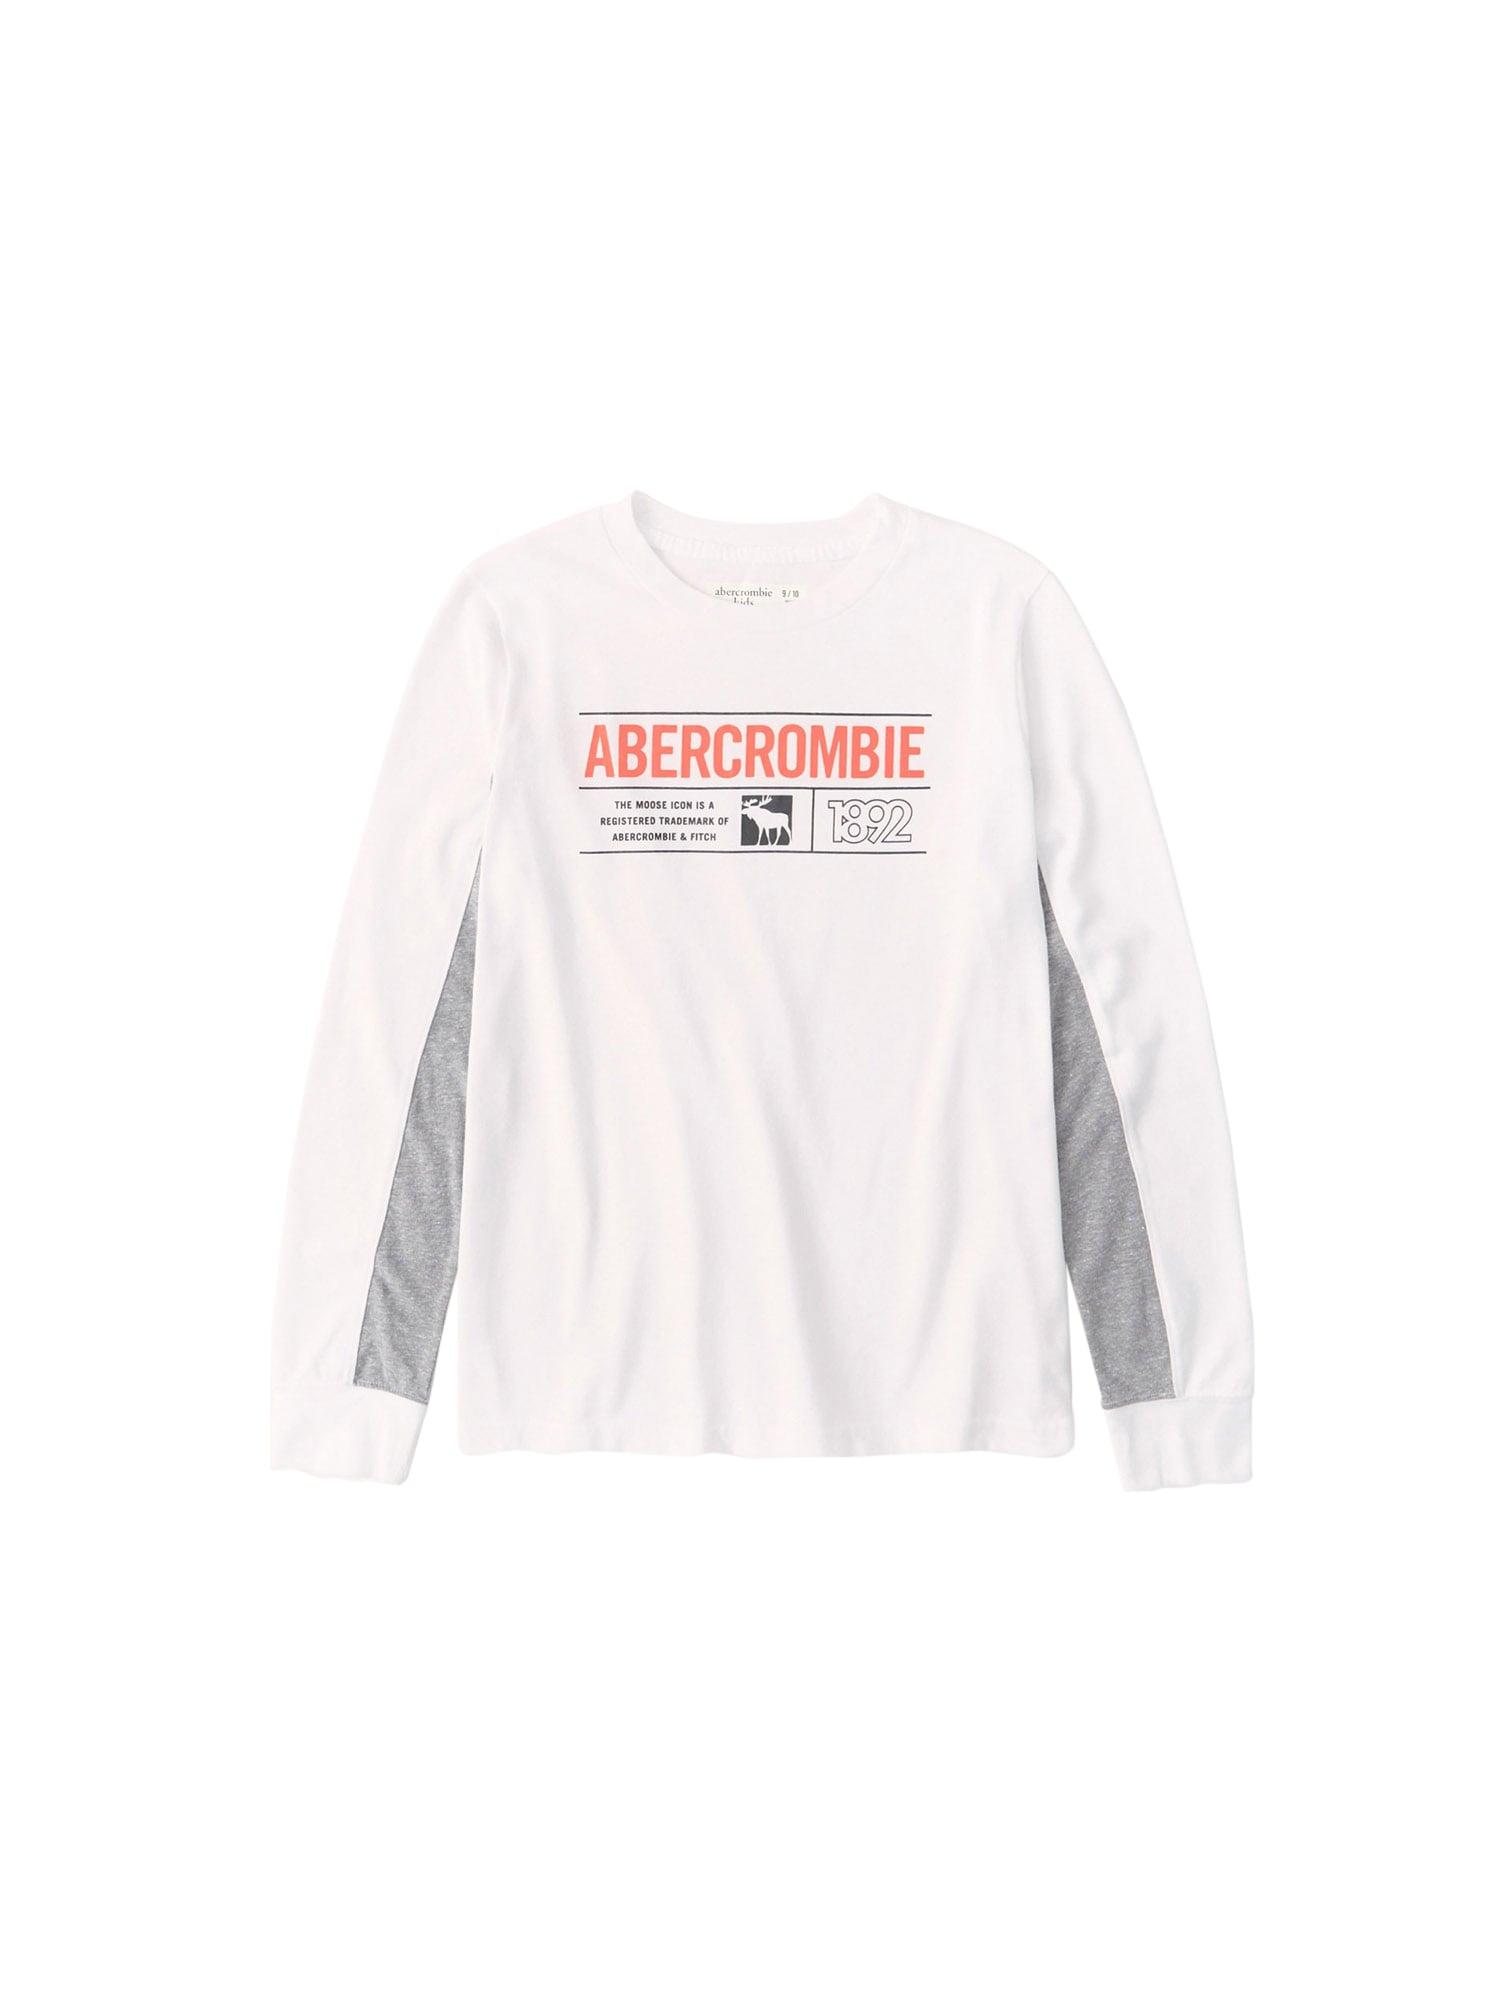 Abercrombie & Fitch Marškinėliai balta / pilka / šviesiai raudona